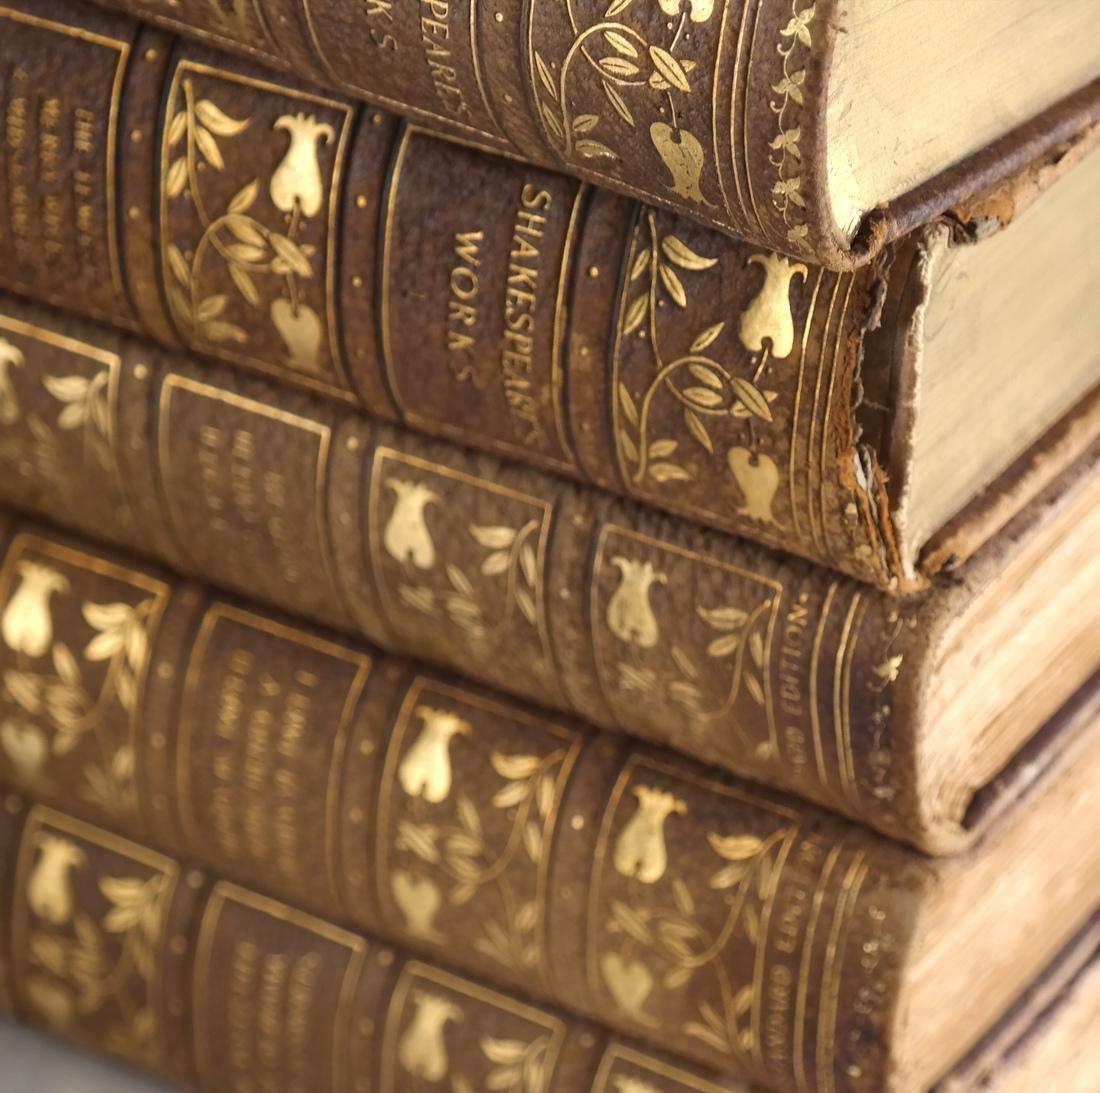 13 Volumes of William Shakespeare - 4